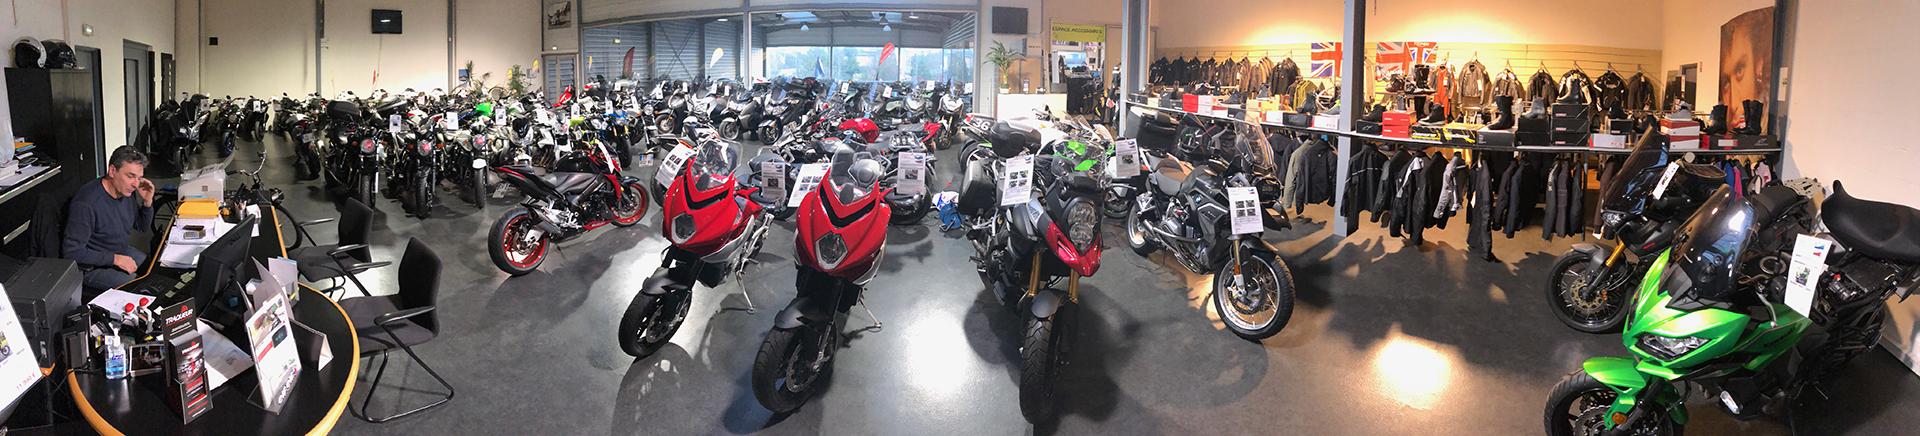 Vendeur scooter occasion paris